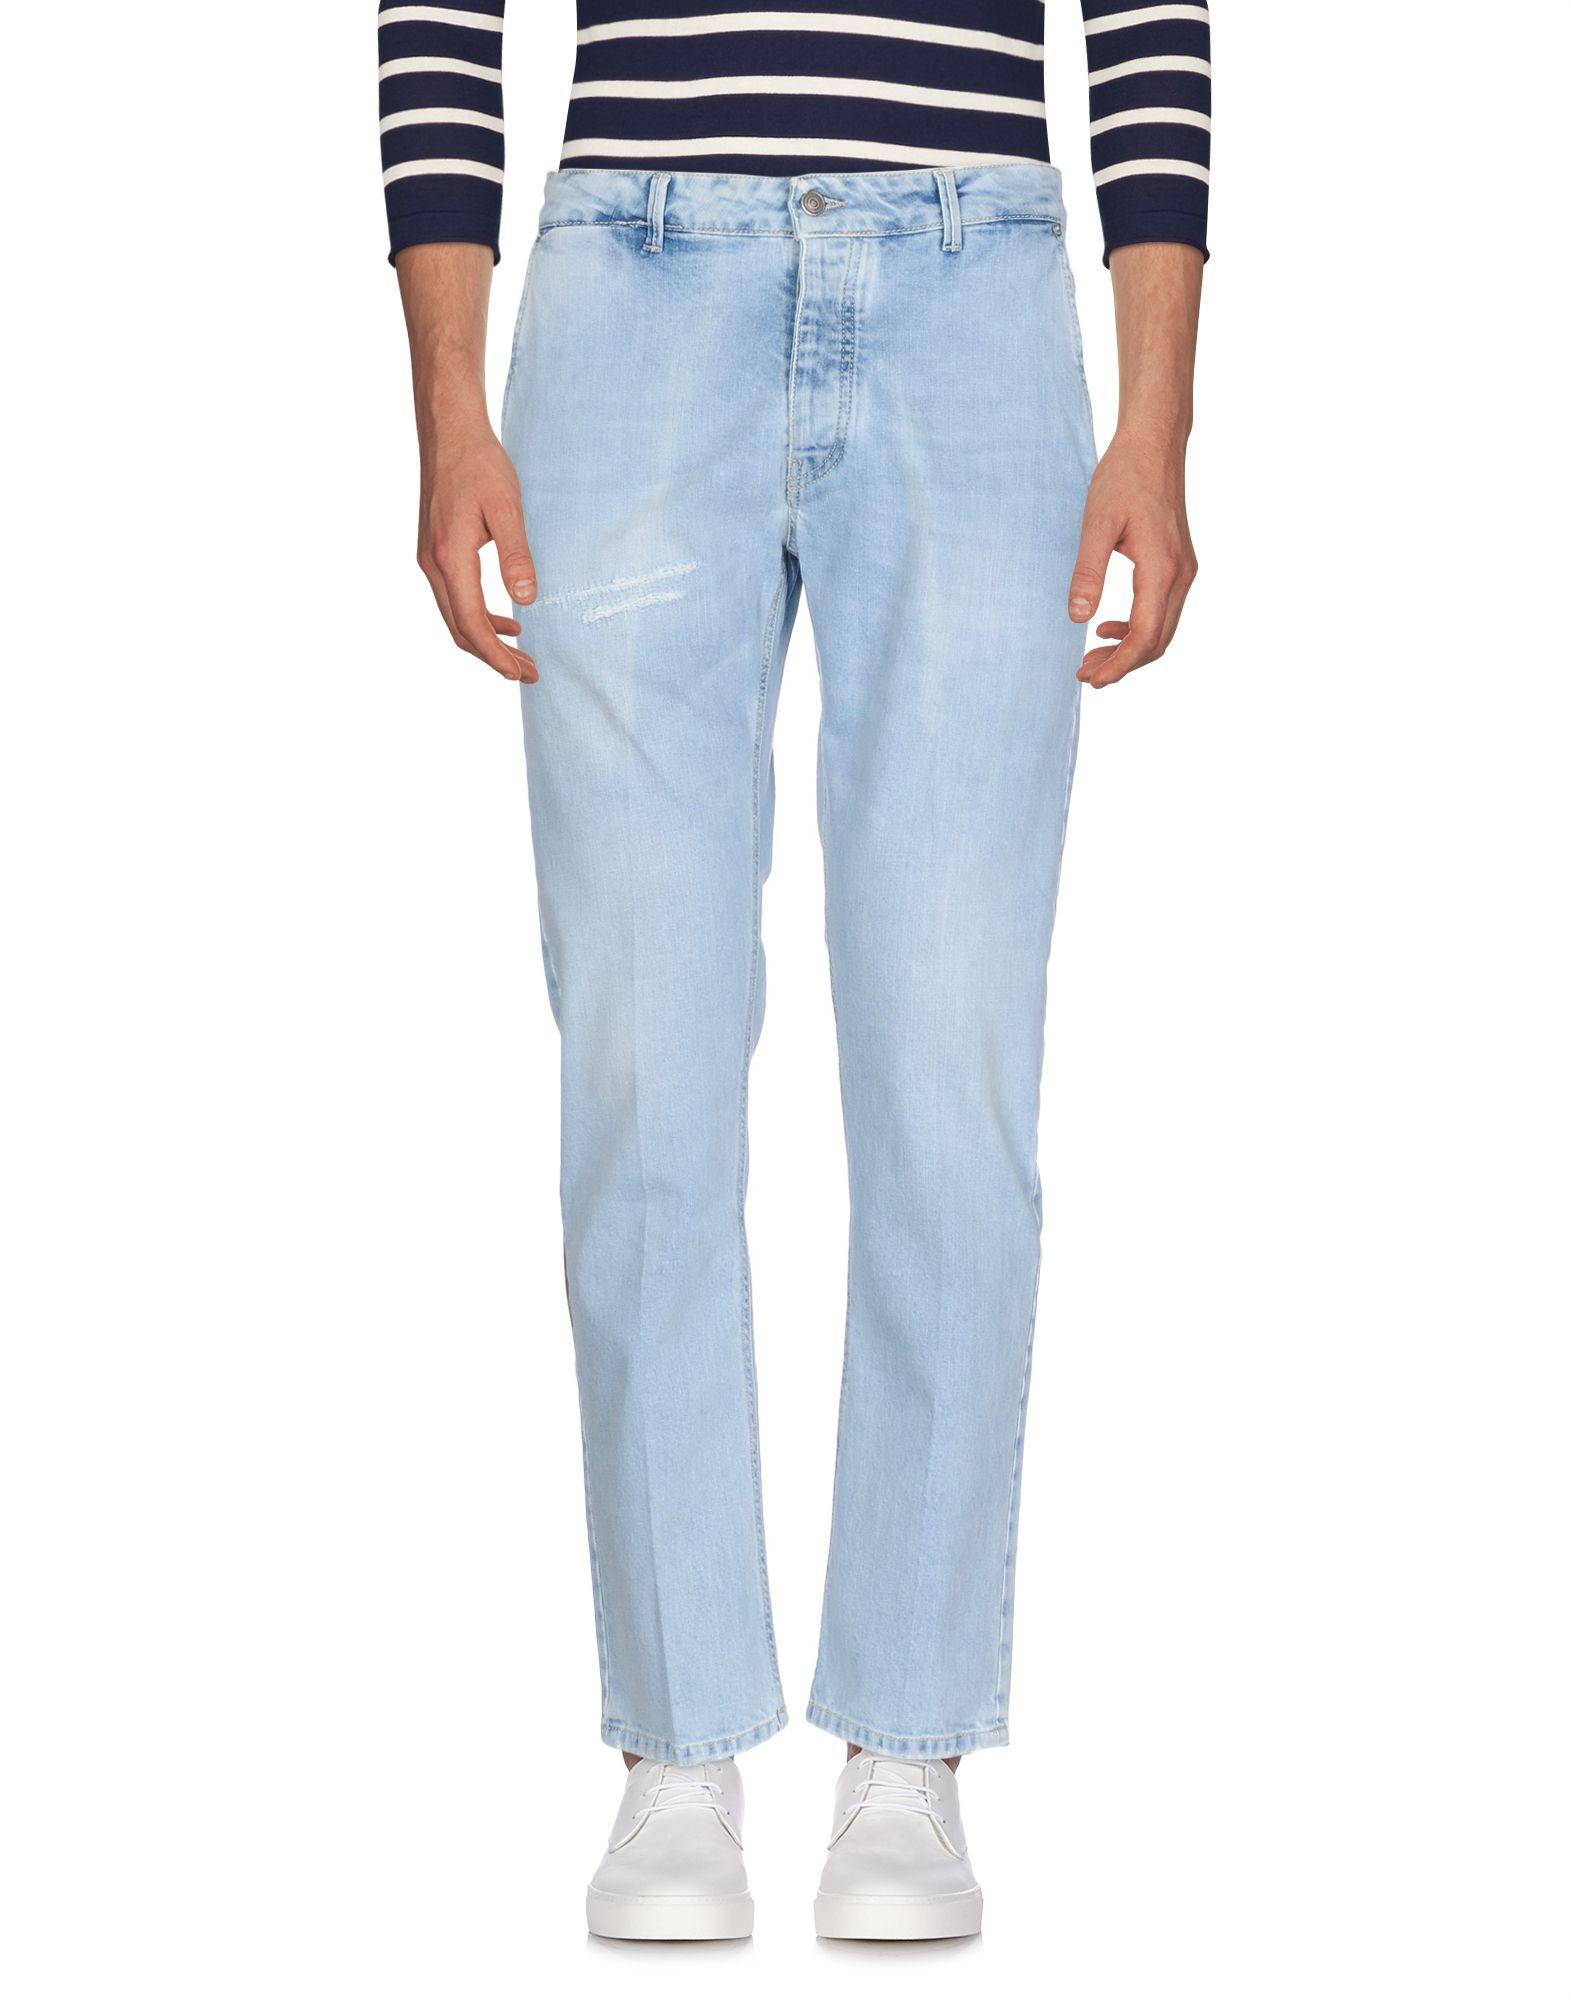 ADDICTION Джинсовые брюки jane s addiction jane s addiction sterling spoon 6 lp